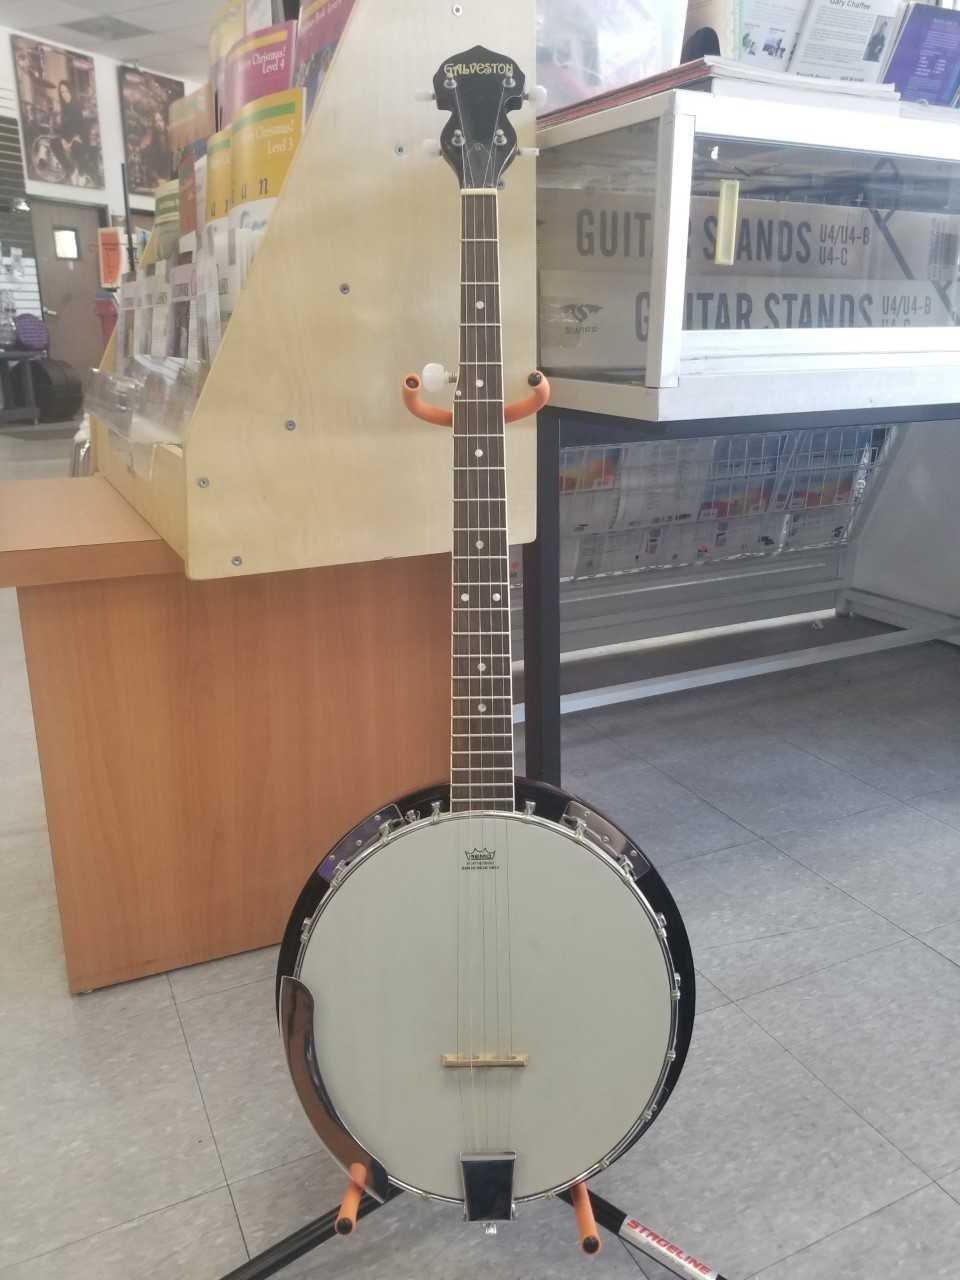 Galveston 5-string Banjo